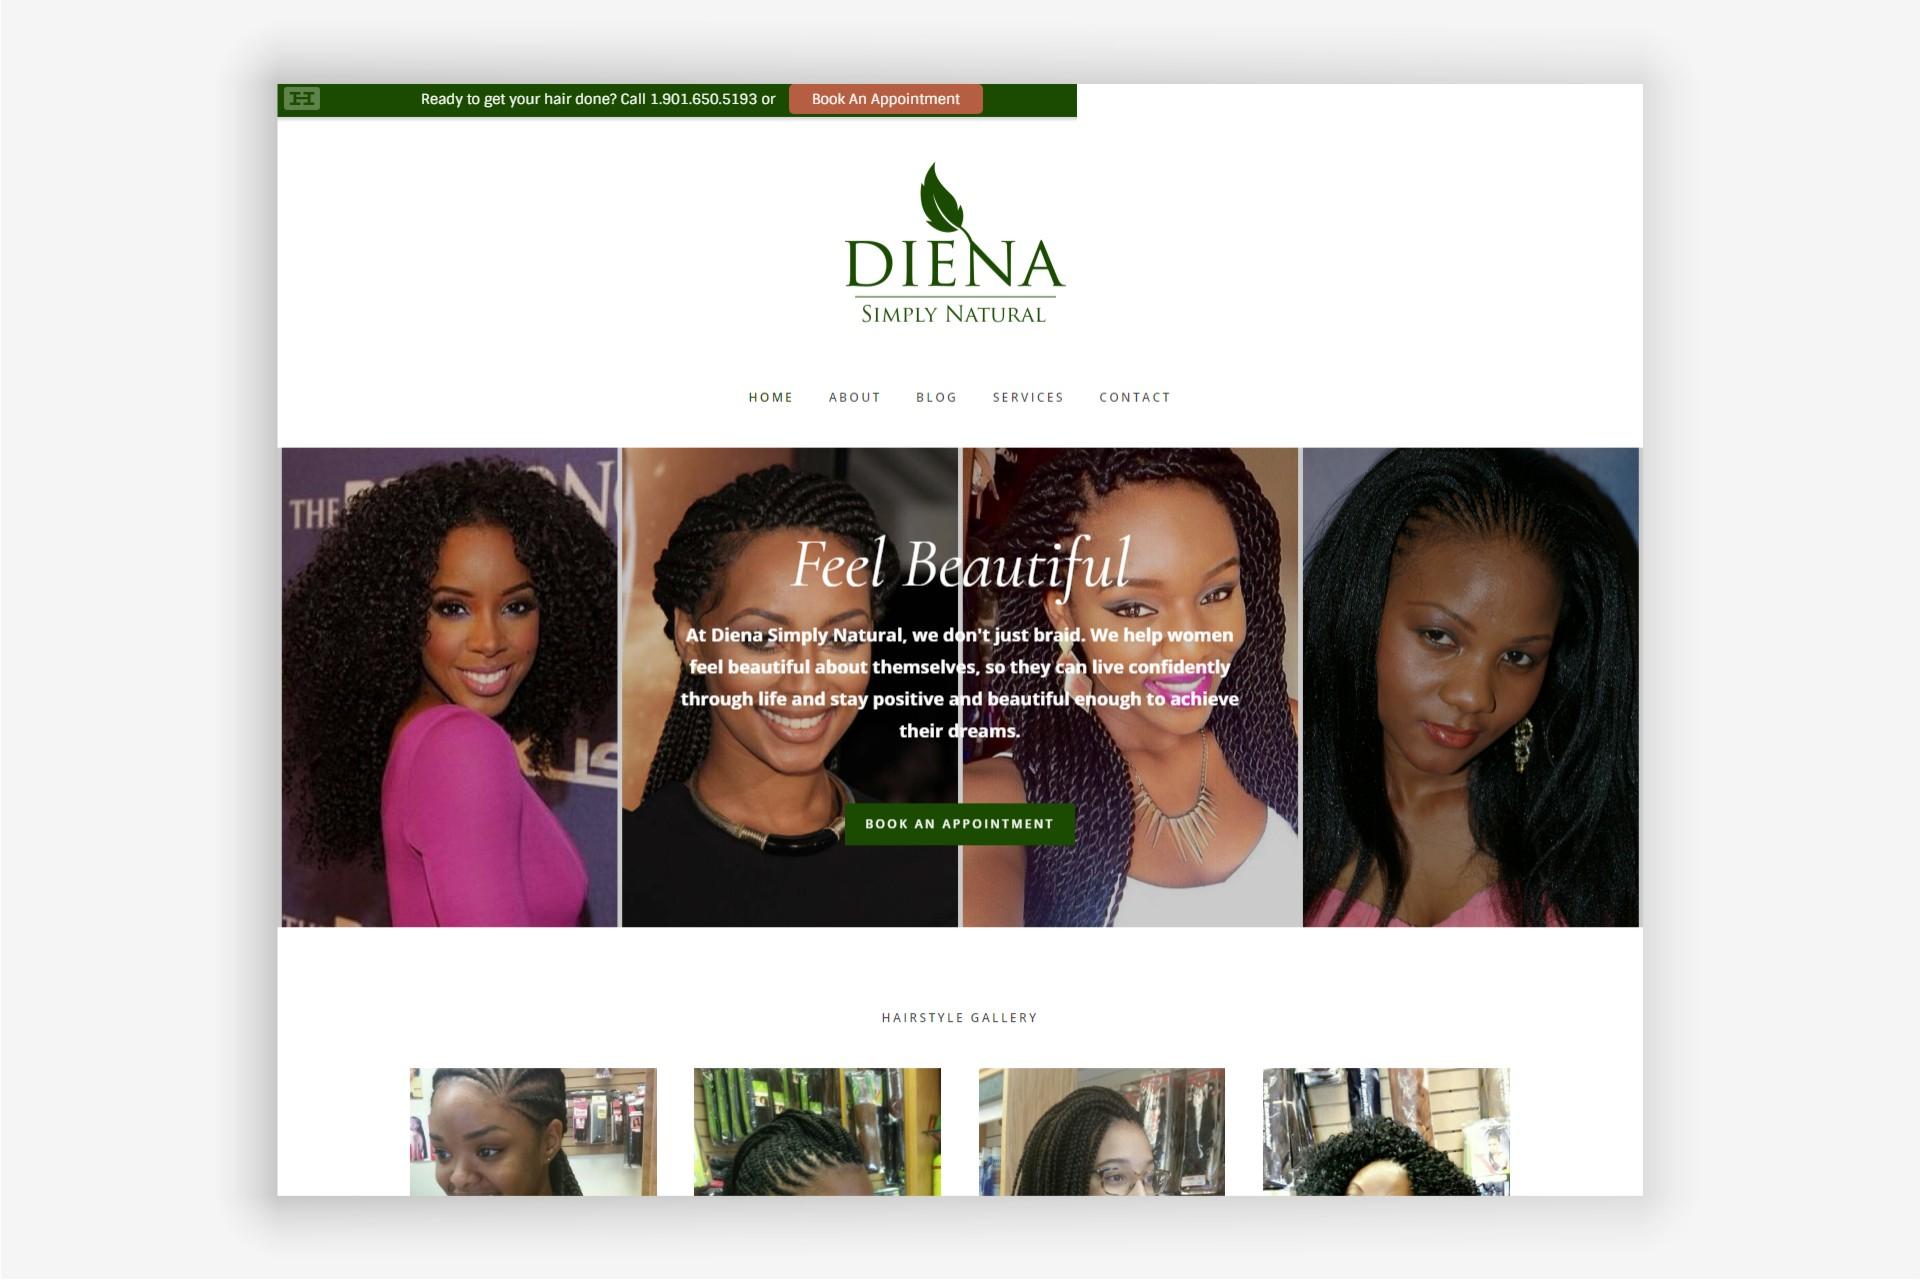 Diena Simply Natural website